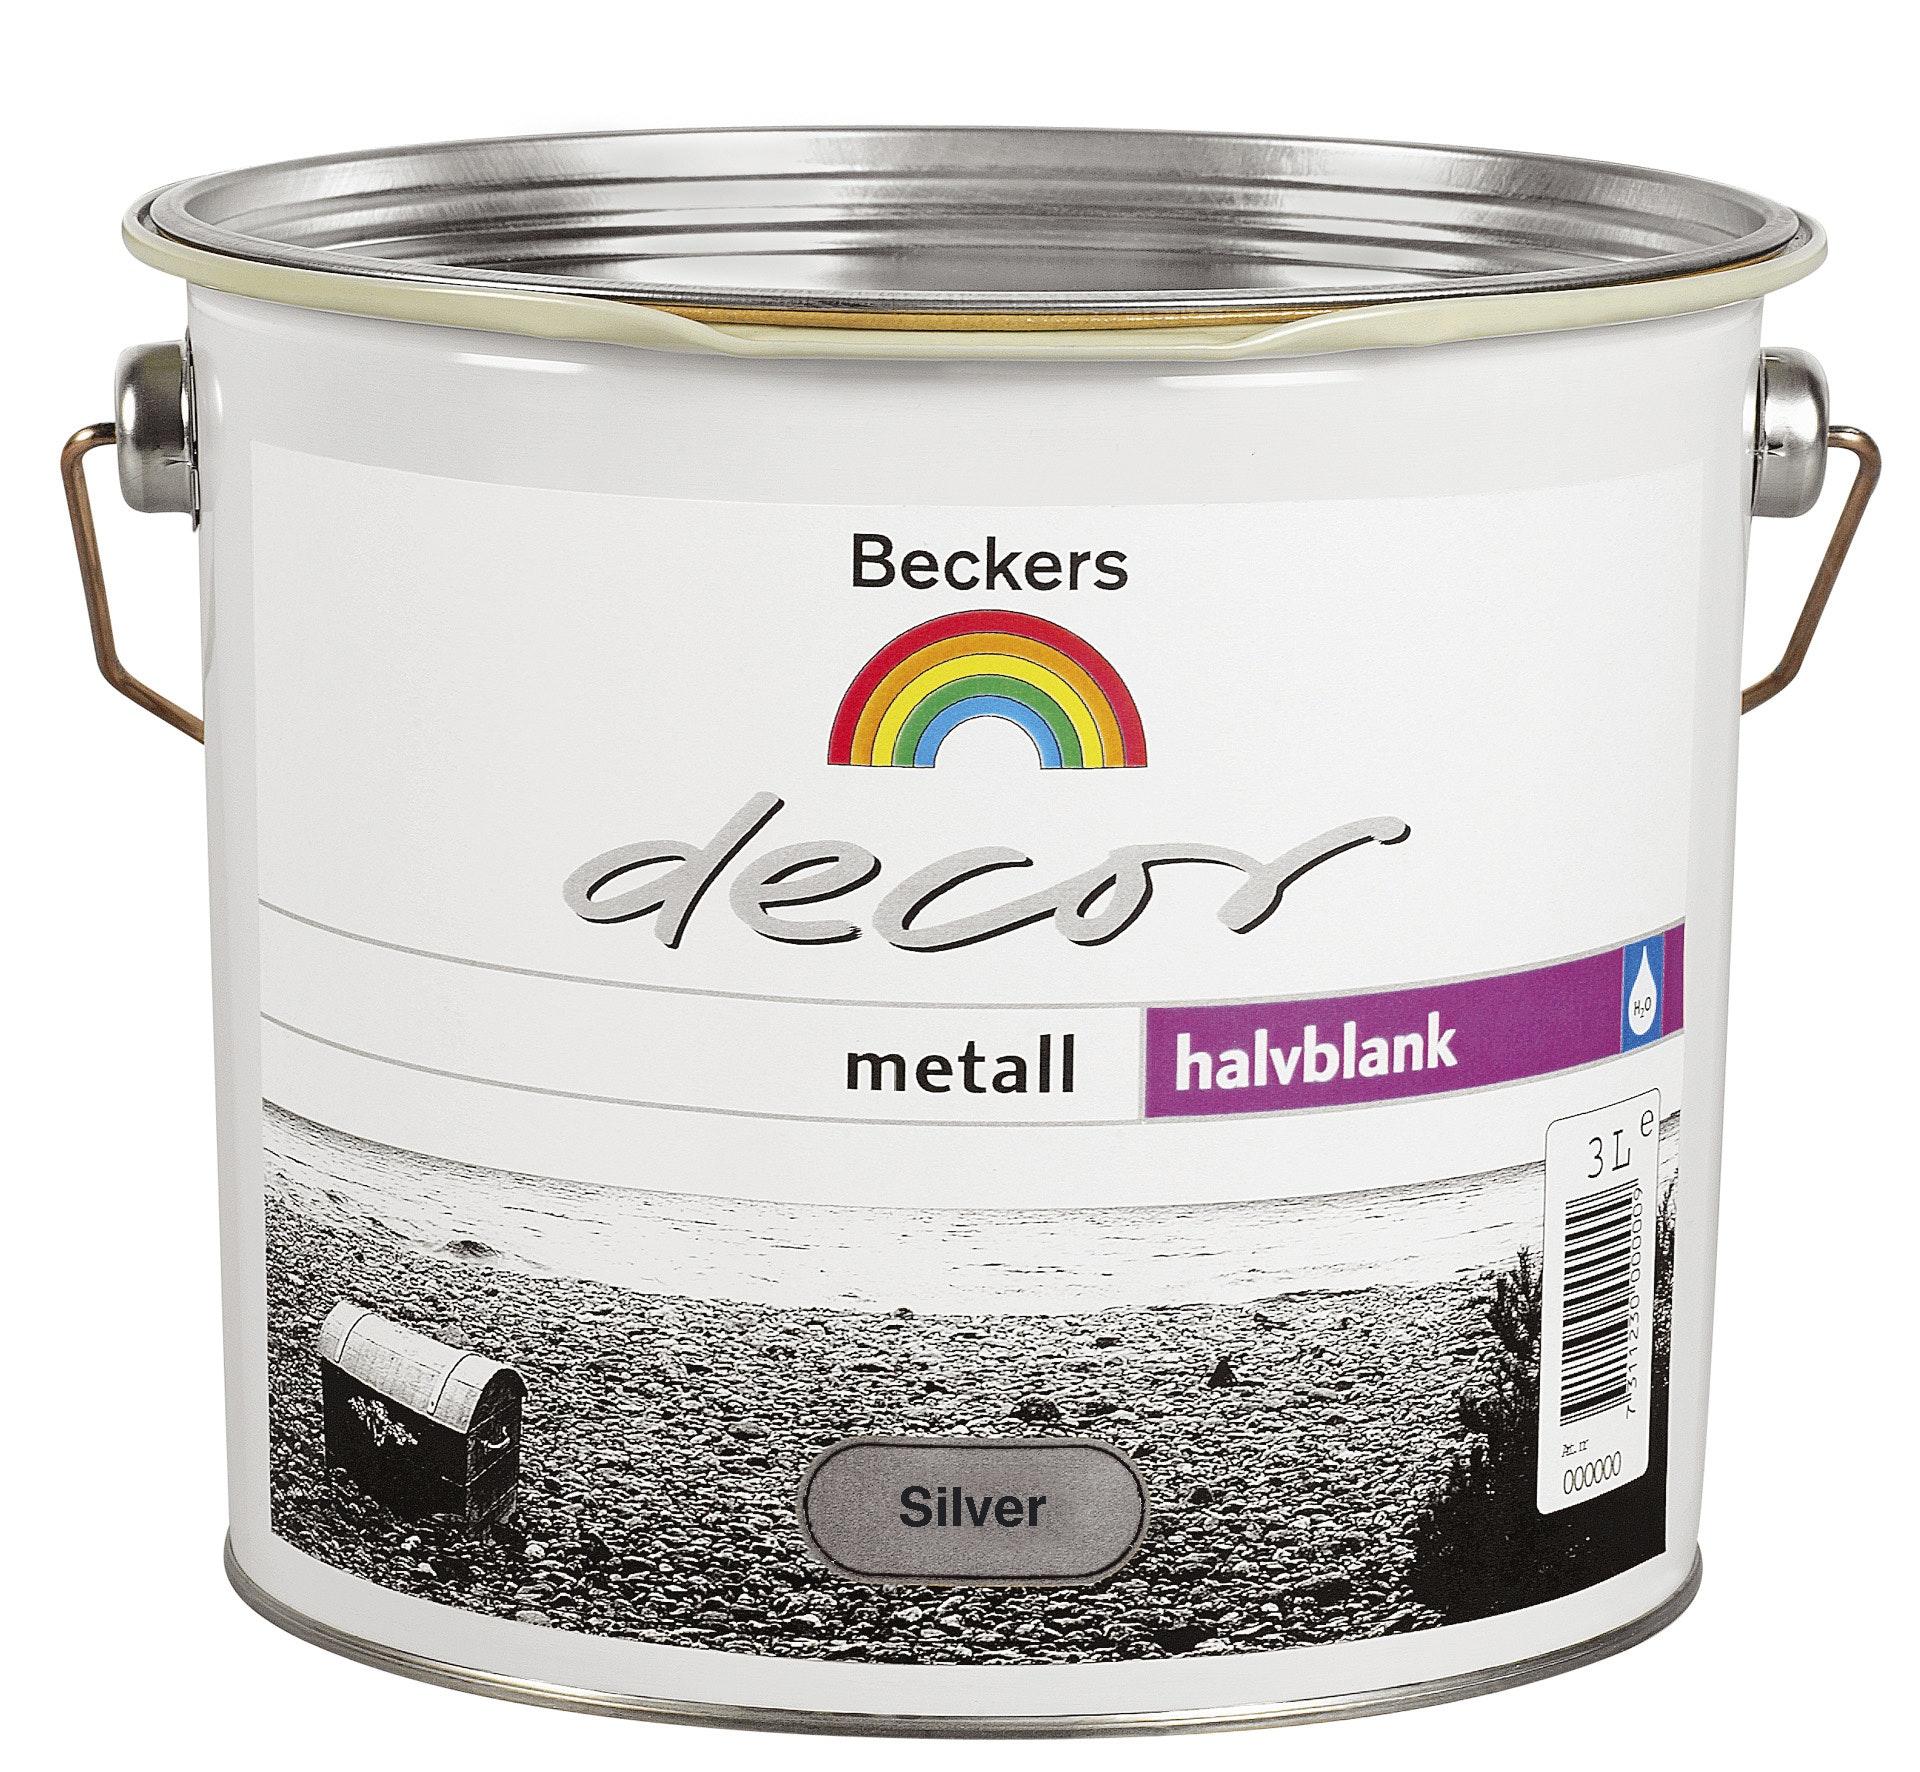 Grund- och Täckfärg Beckers Decor Metall Halvblank Silver 3l